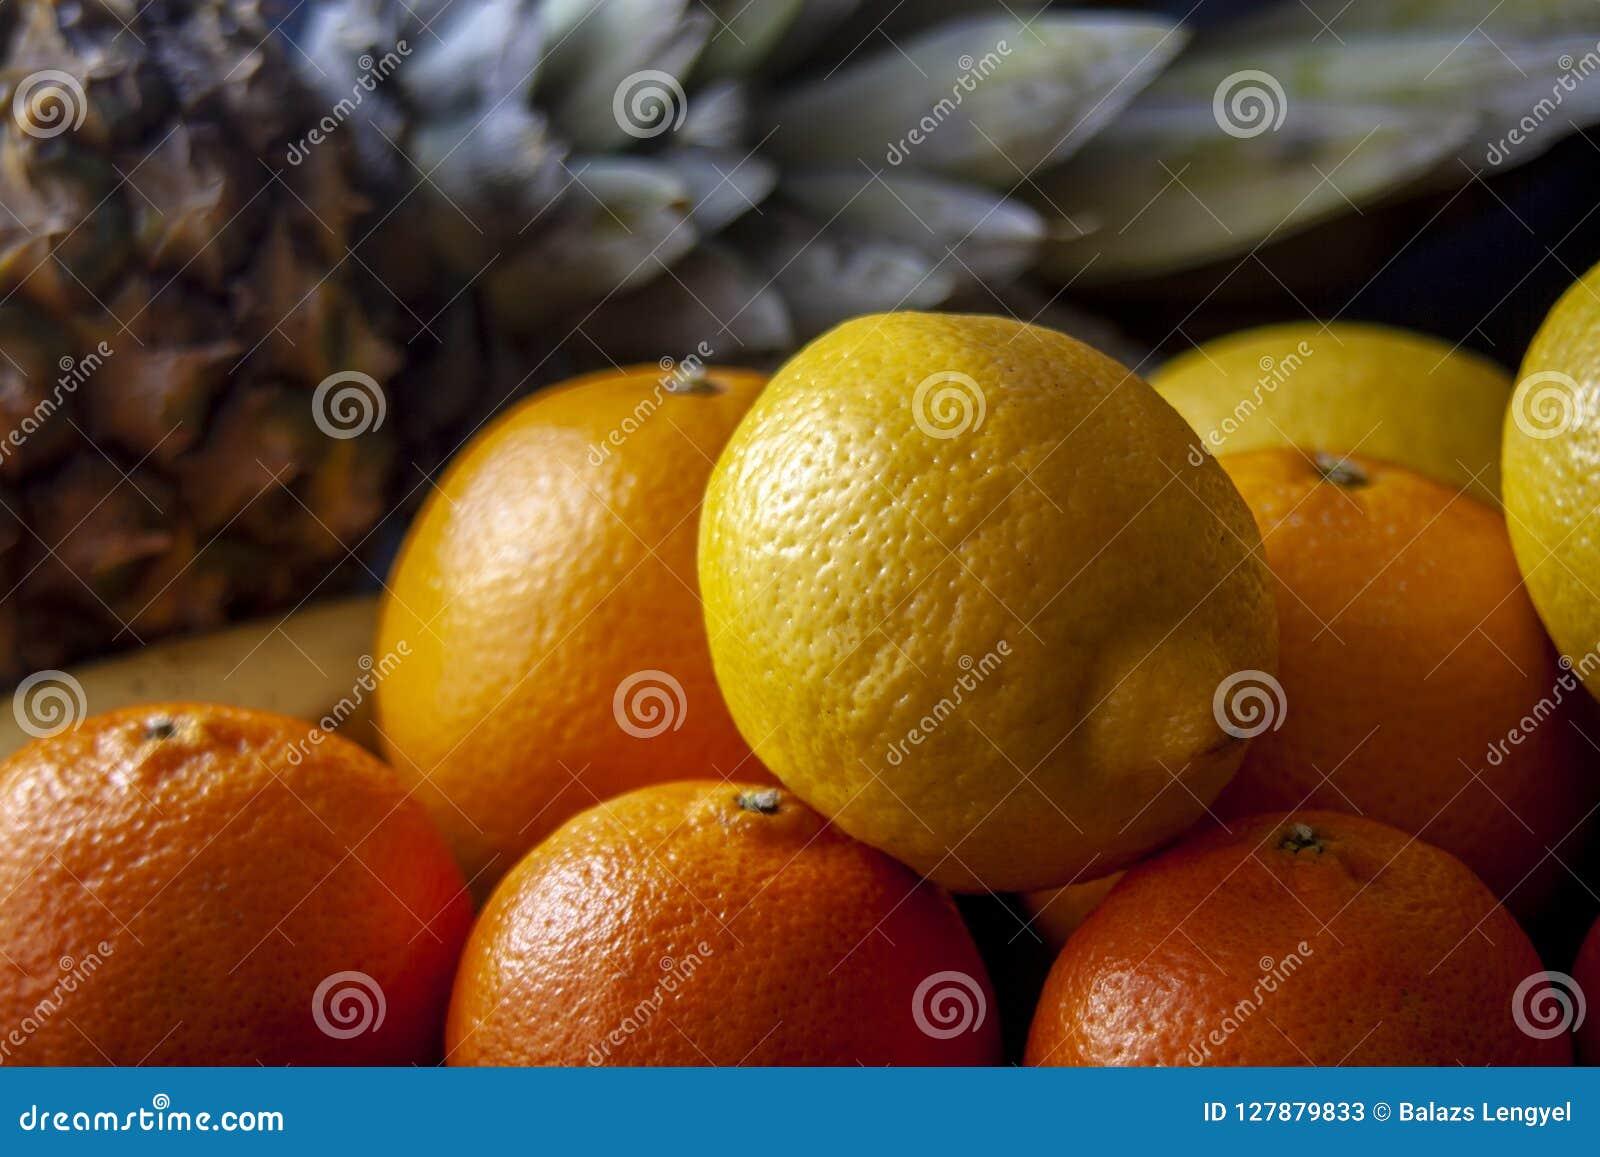 Ananas avec le mélange des fruits tropicaux, y compris des oranges, citrons